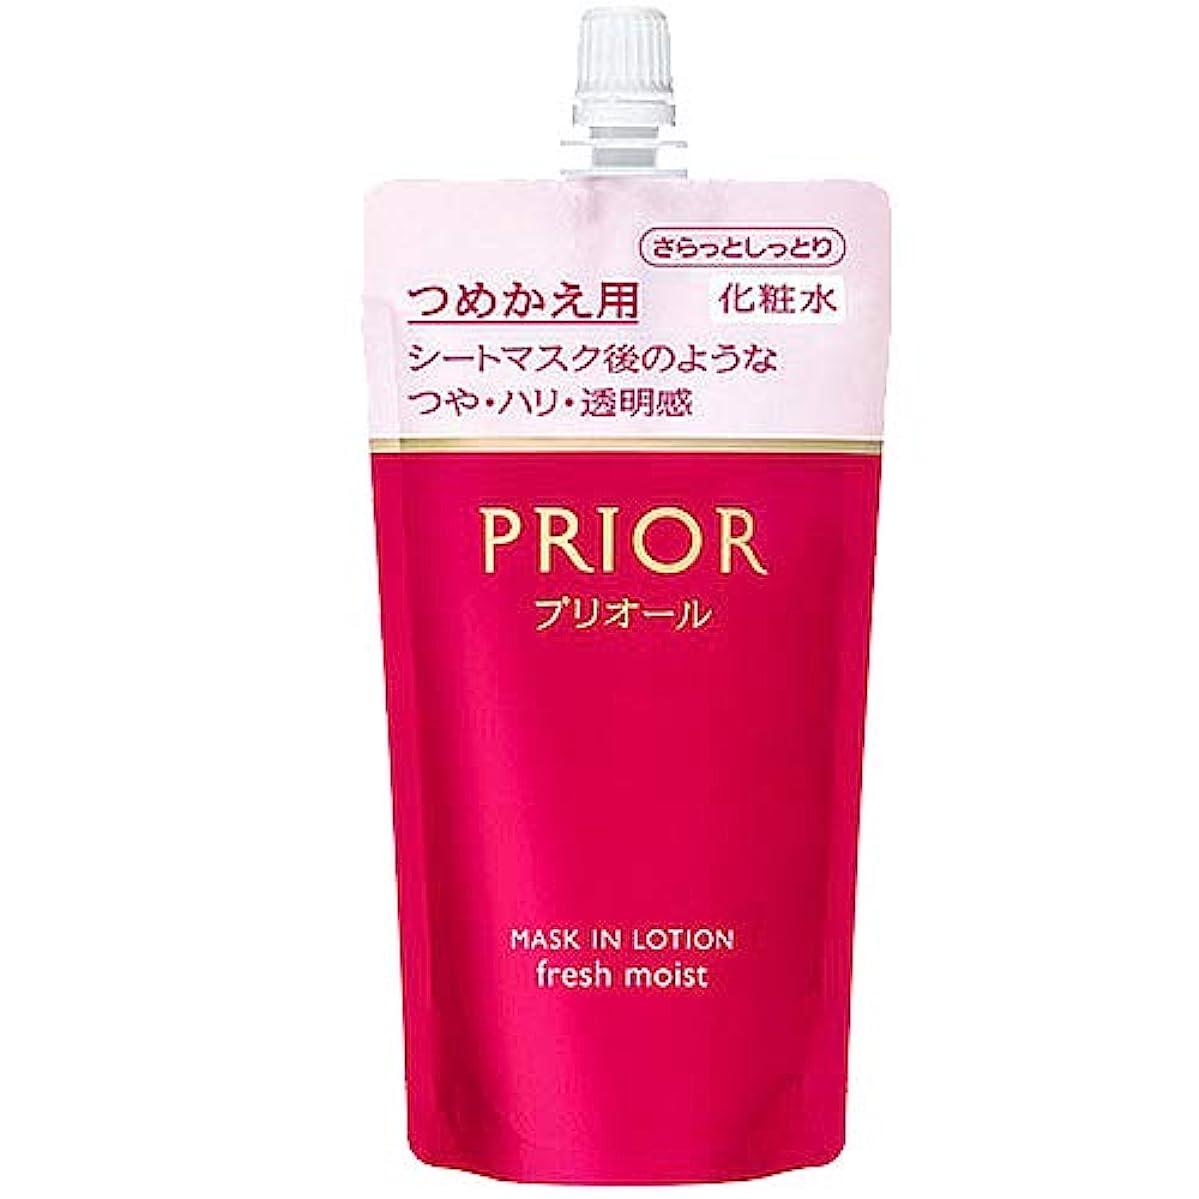 悲惨裁判官ジャンル資生堂 SHISEIDO プリオール マスクイン化粧水 (さらっとしっとり) (つめかえ用) 140ml [並行輸入品]